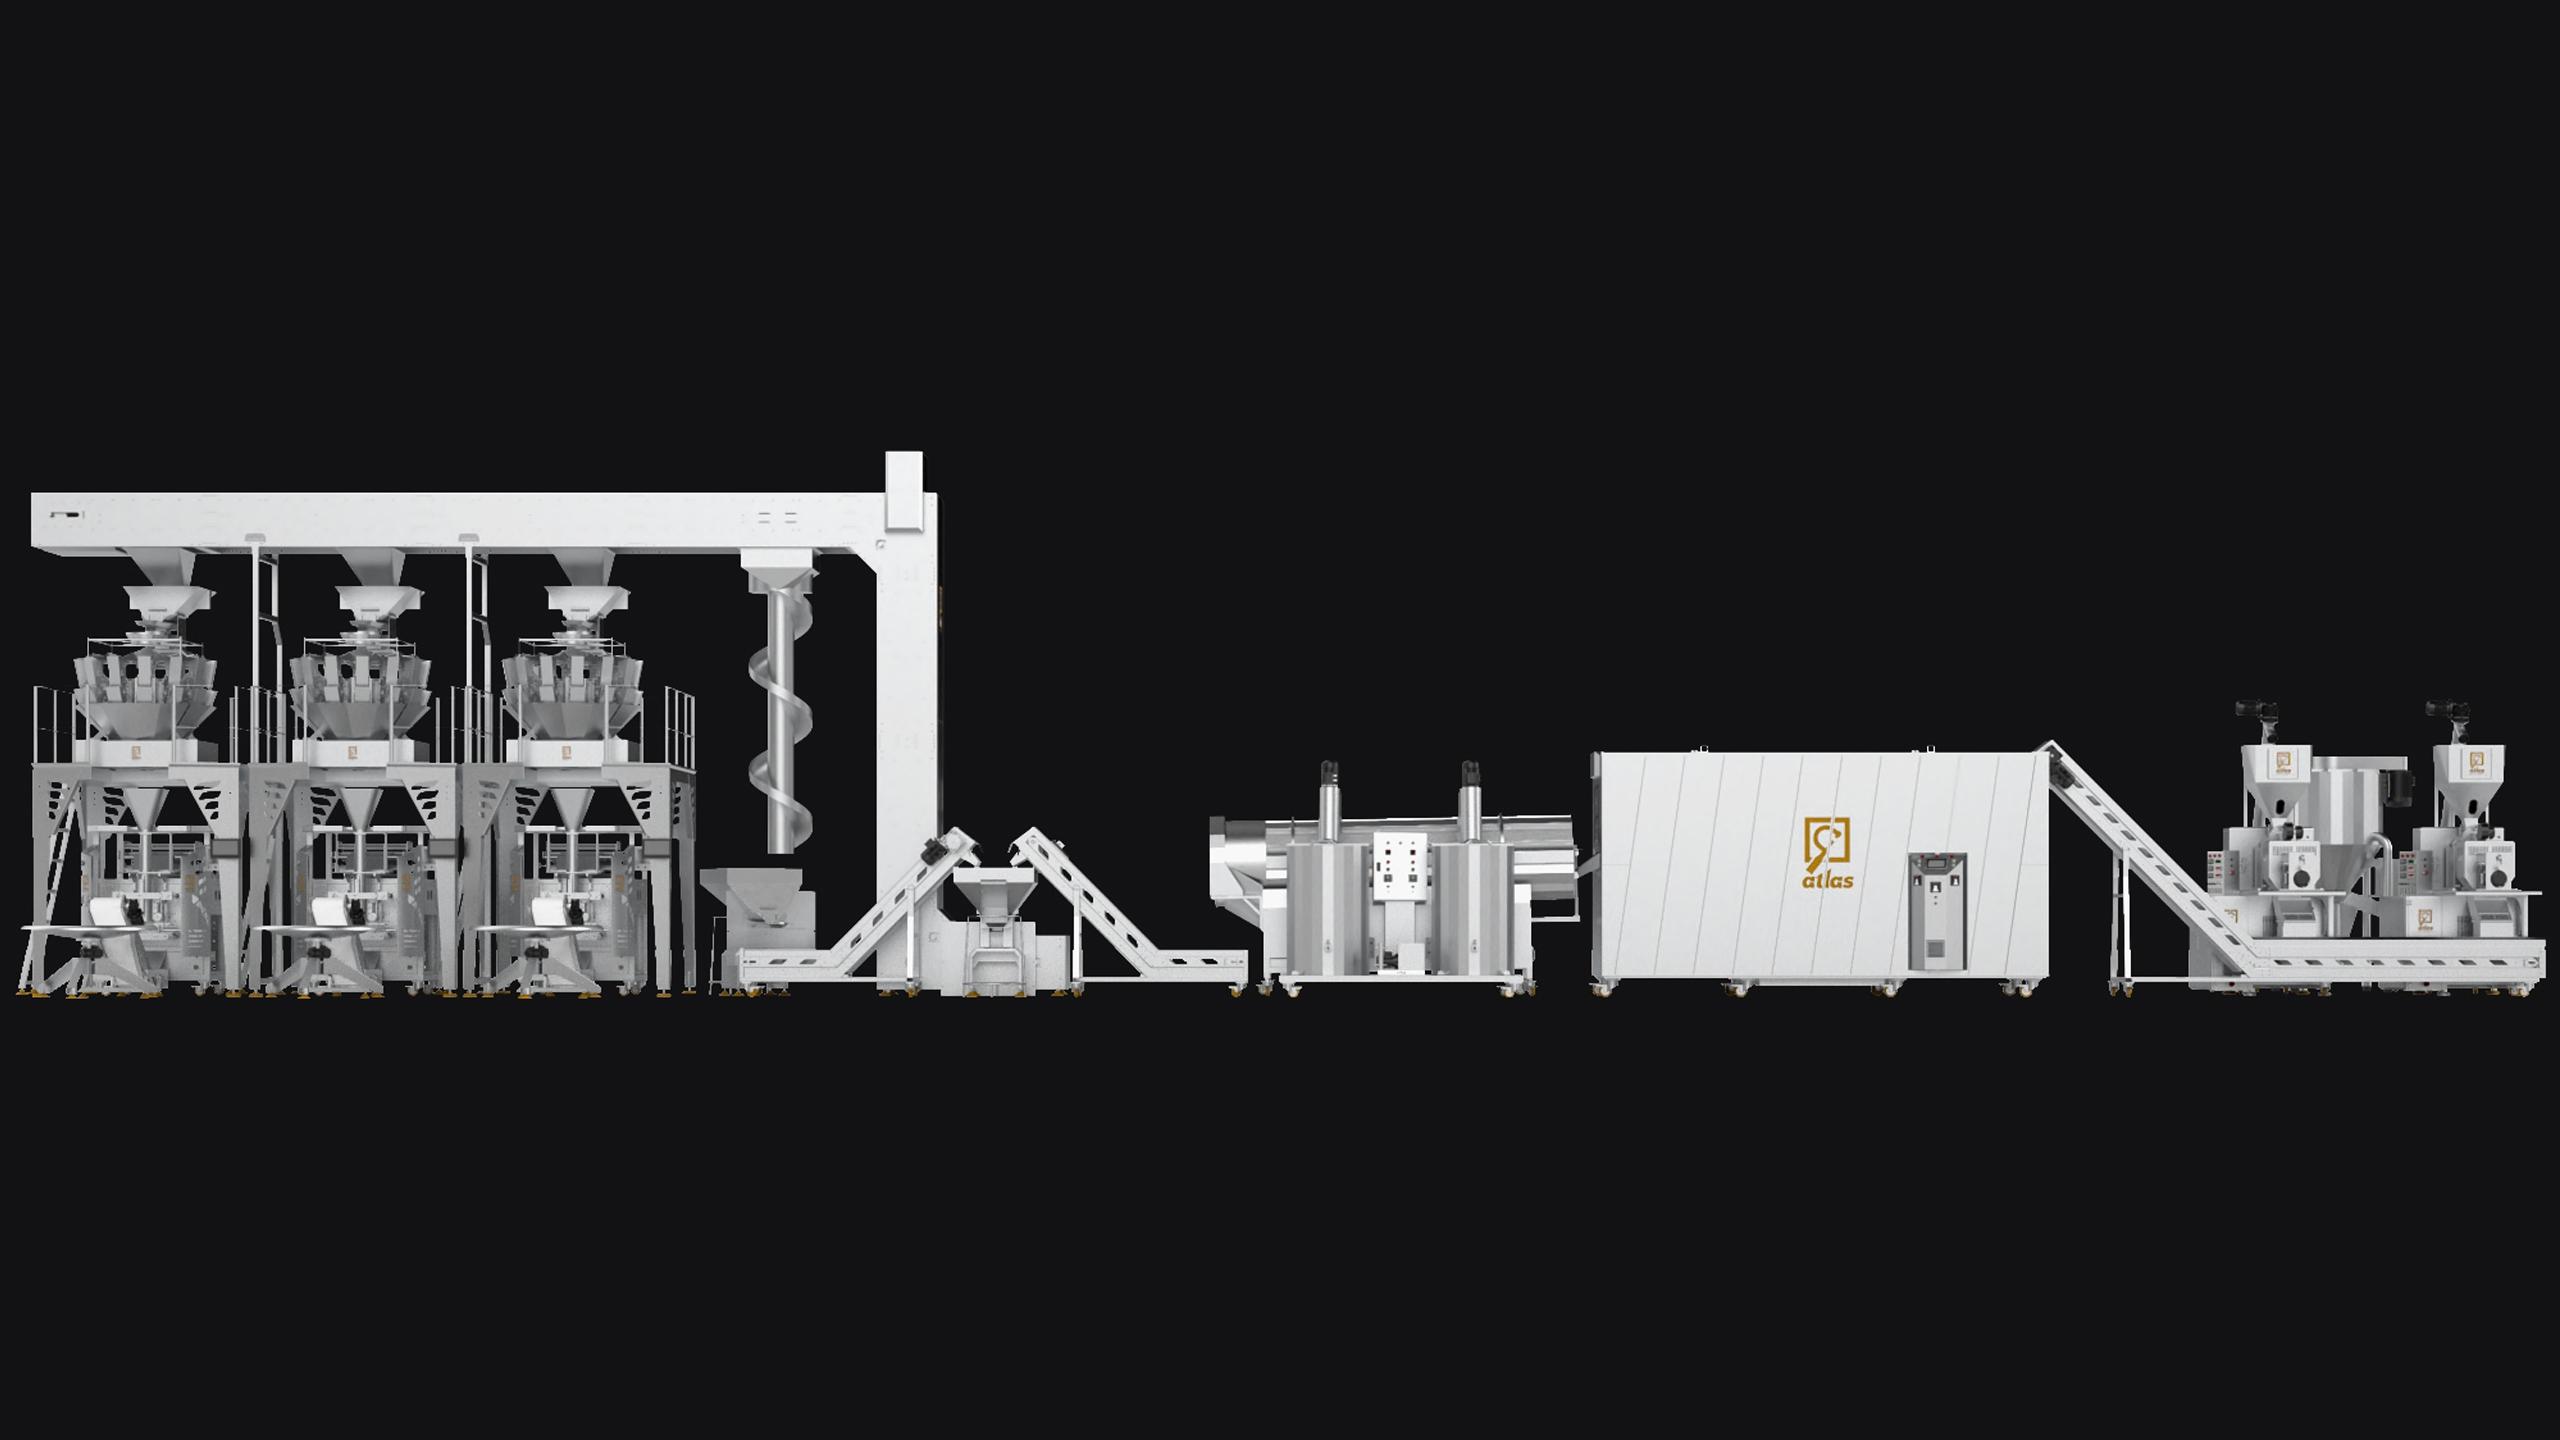 خط انتاج شيبس الذرة 400 ك/سا مجهز بفرن ثلاث طبقات مع مكنات تعبئة وزنية